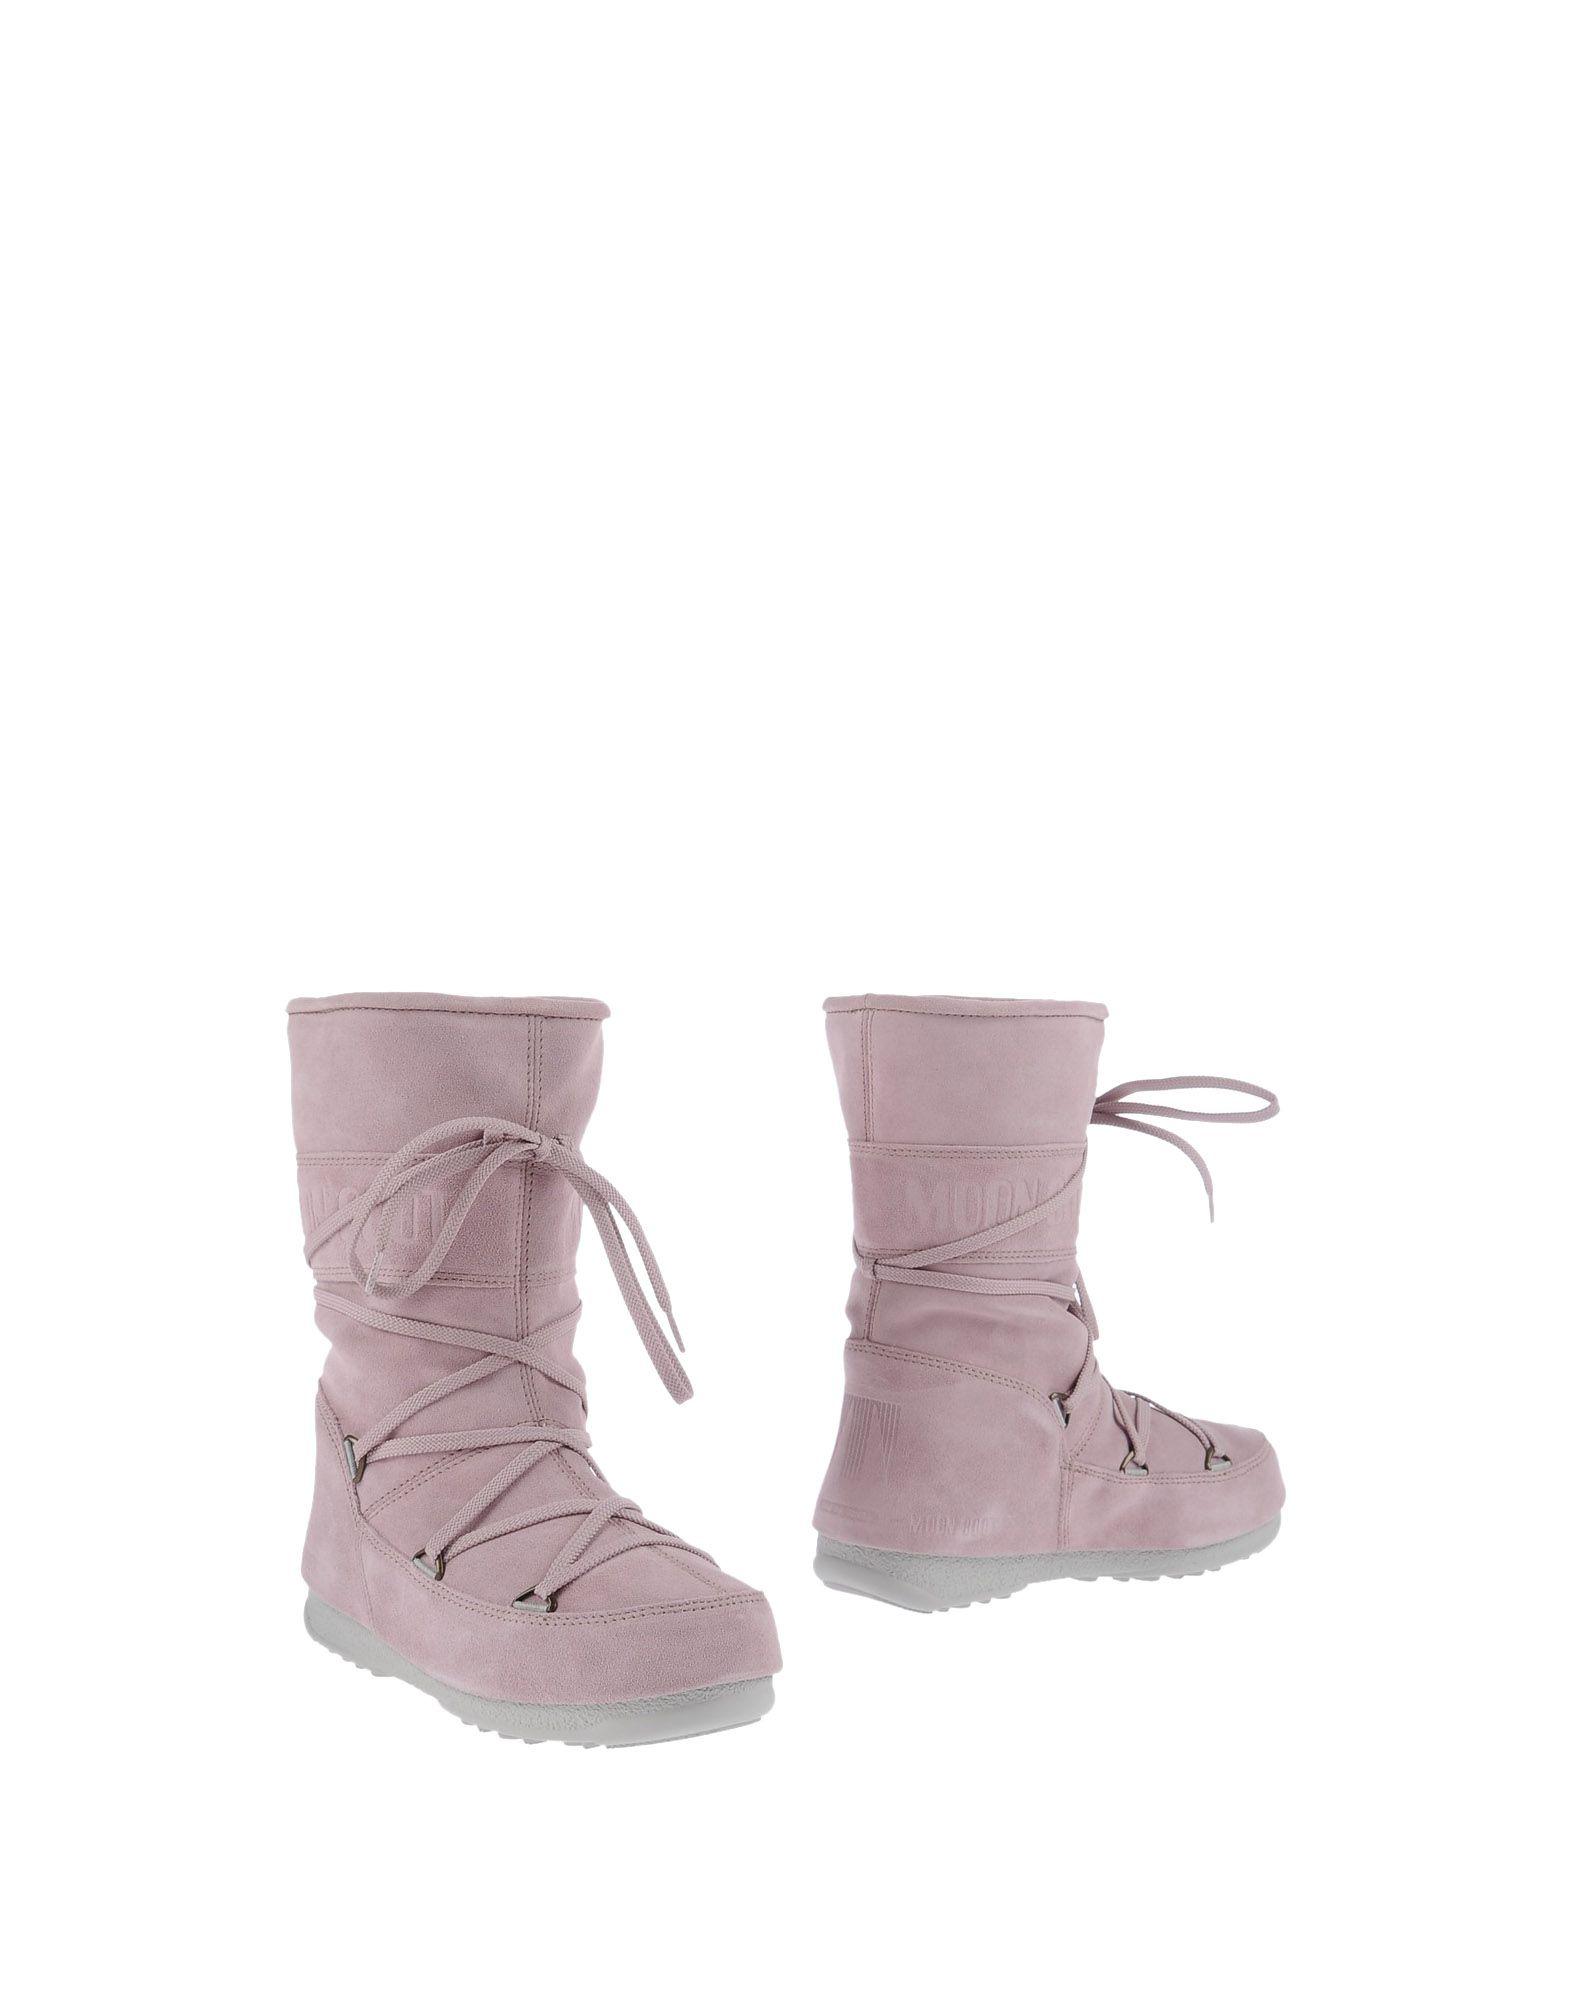 Stilvolle billige Stiefelette Schuhe Moon Boot Stiefelette billige Damen  44700844TL 67baf0